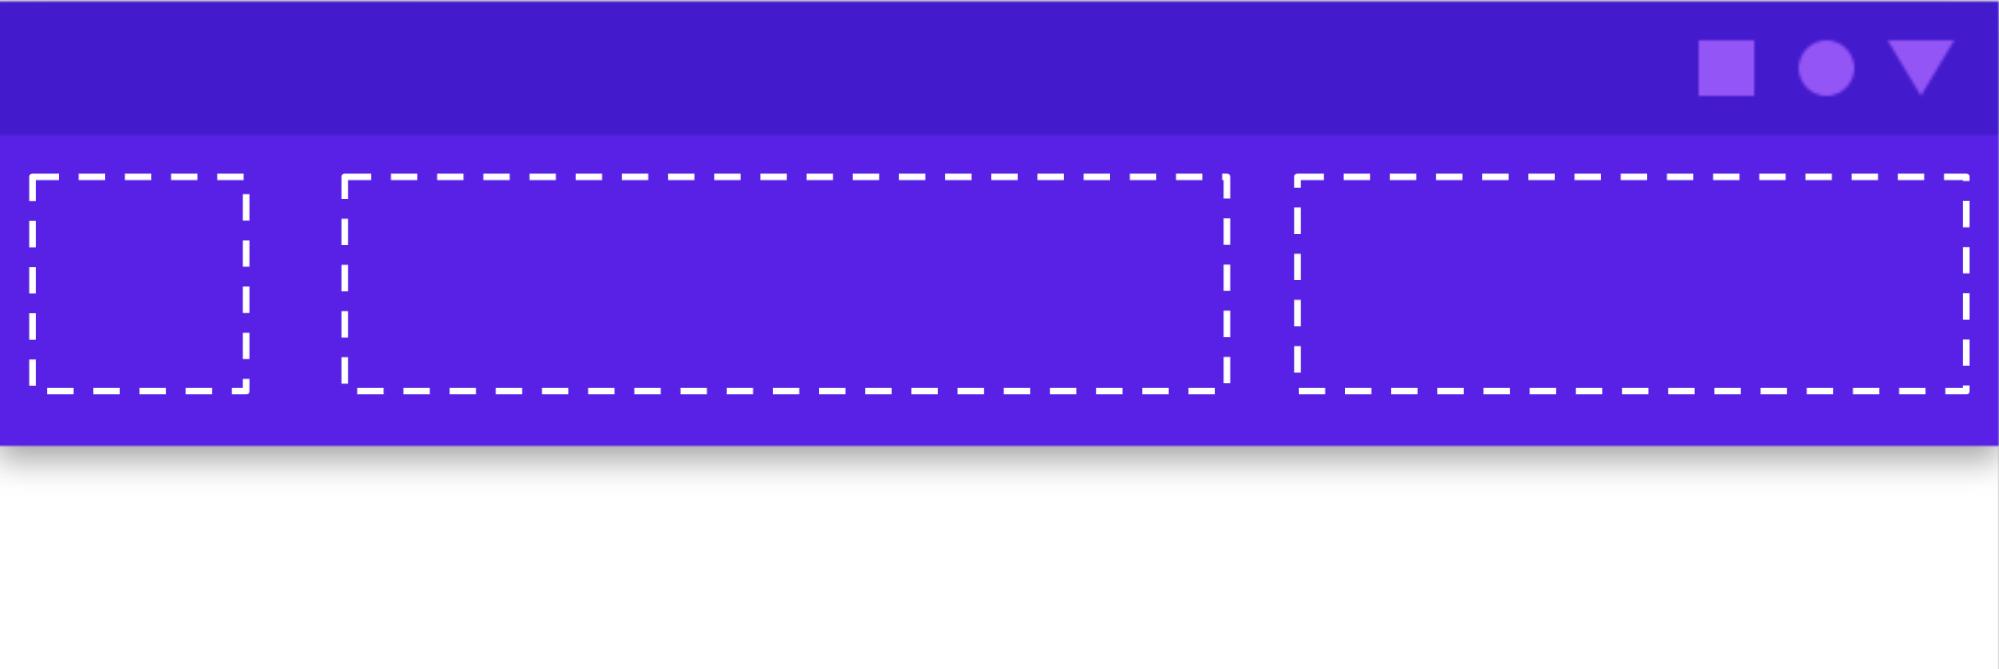 マテリアル コンポーネントのアプリバーで使用可能なスロットを示す図